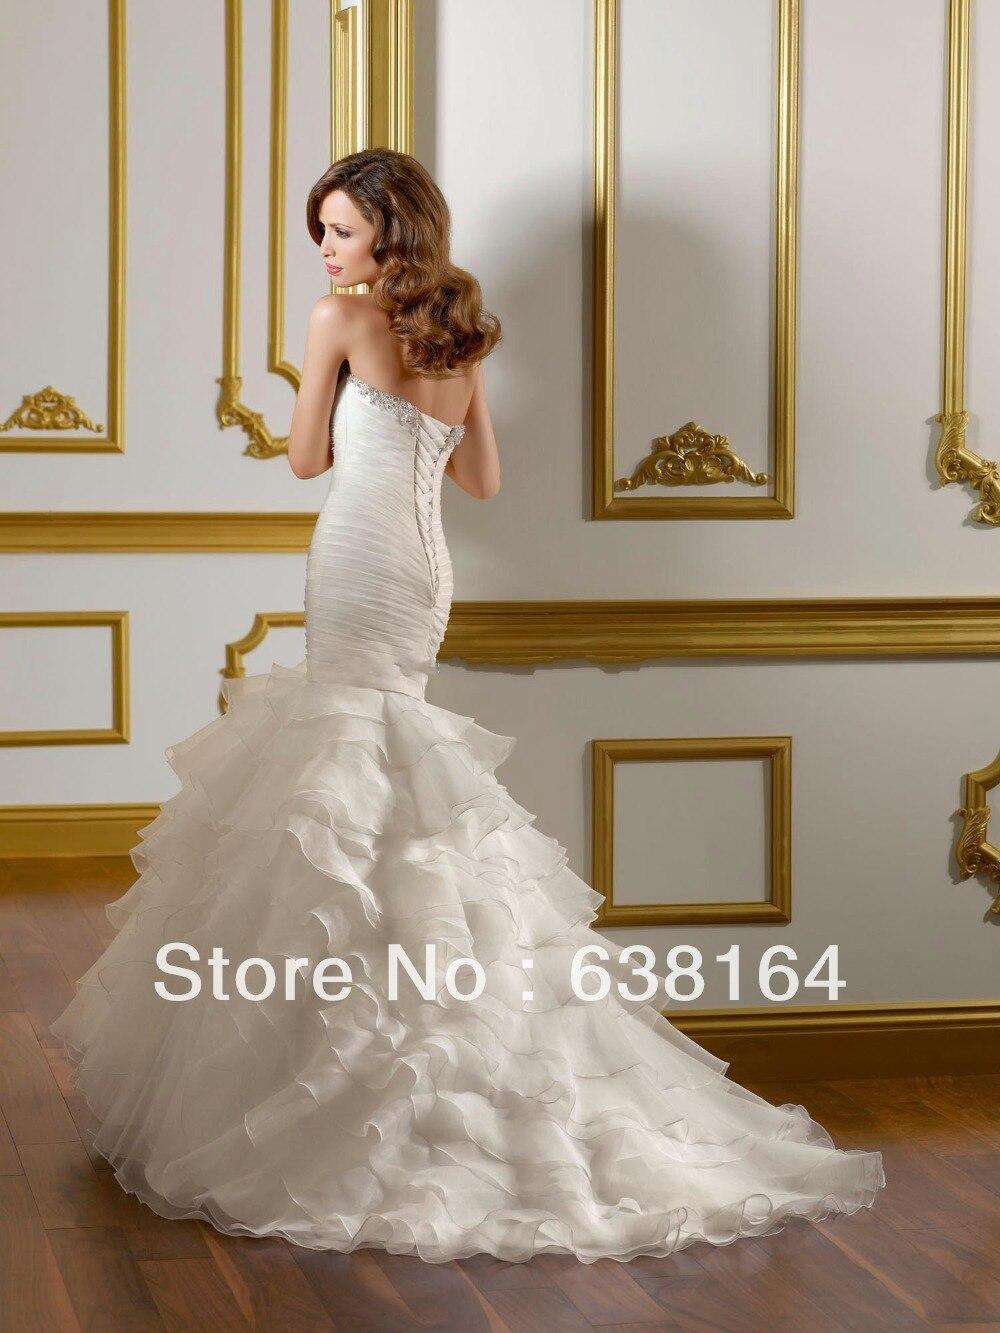 rent wedding dress huntsville al rent wedding dress Rent Wedding Dress Huntsville Al 29